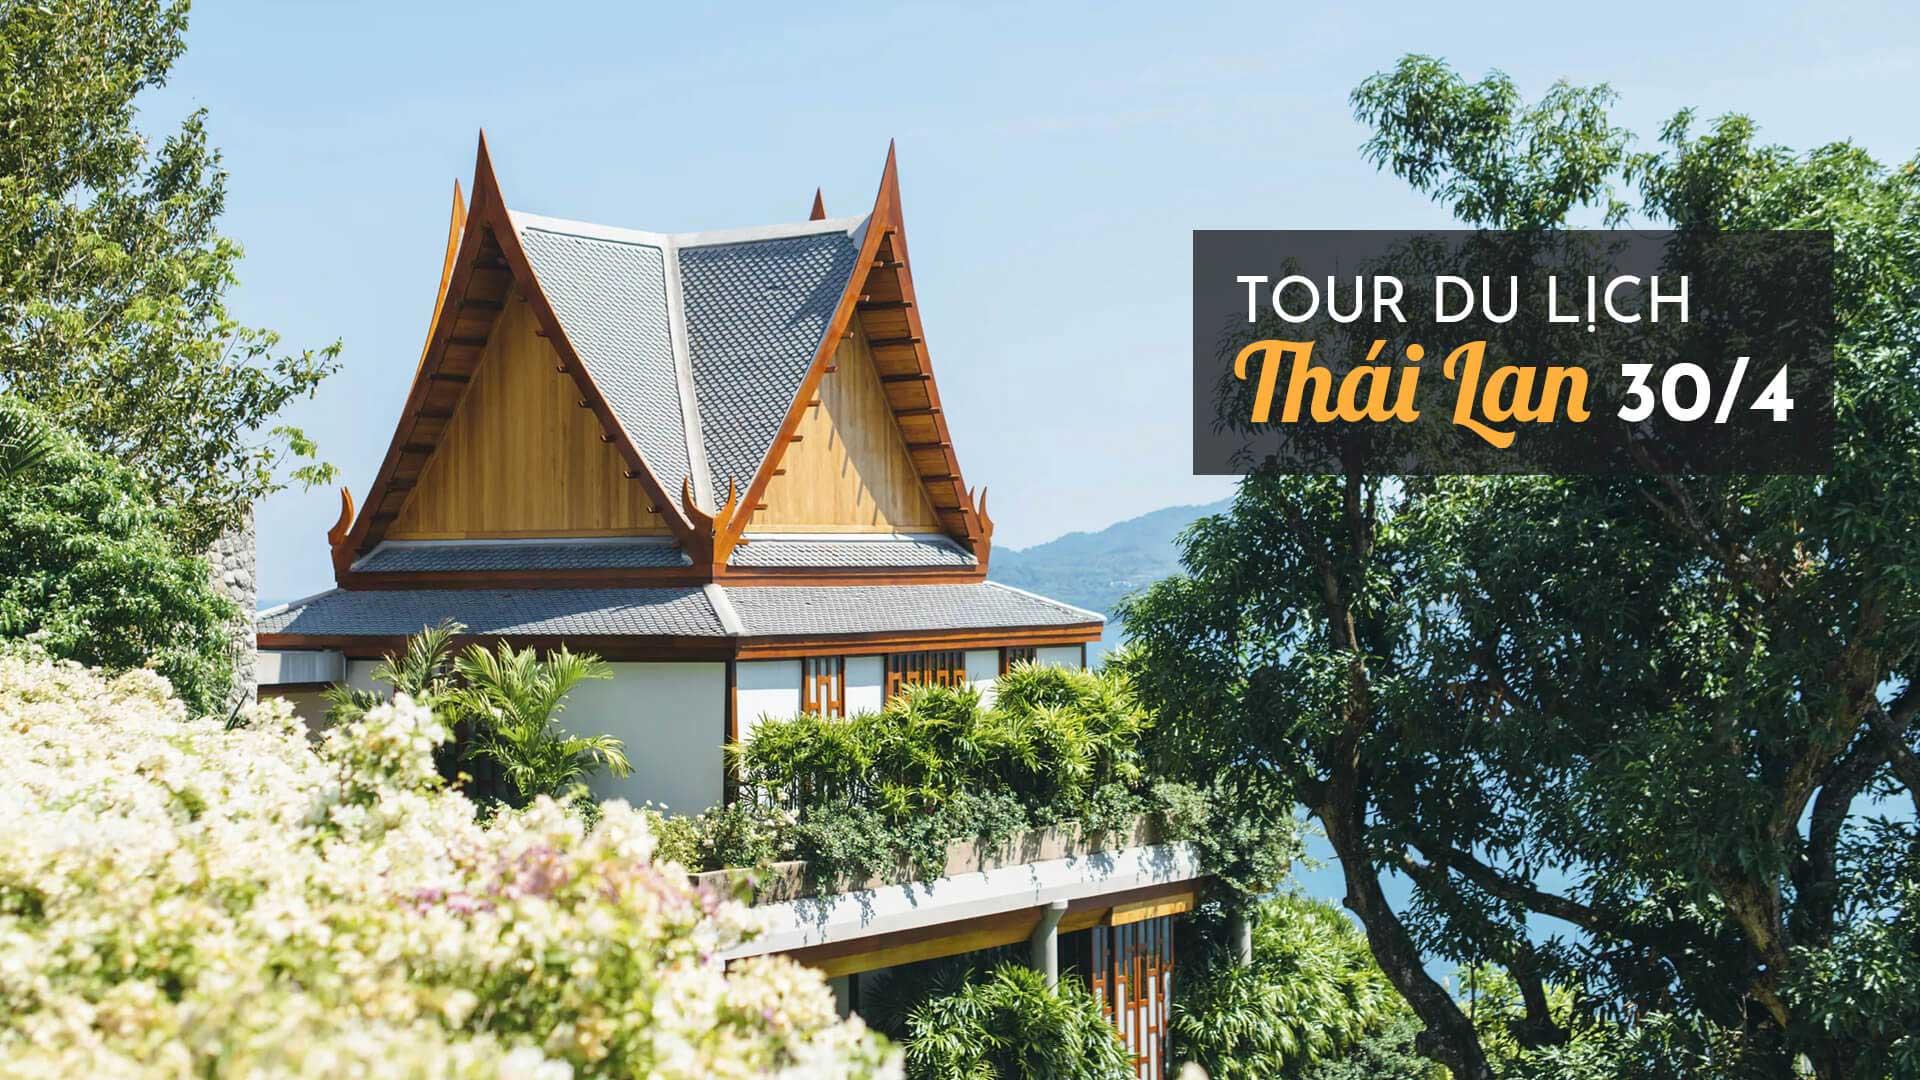 Tour du lịch Thái Lan 30/4 2019 khám phá Bangkok - Pattaya